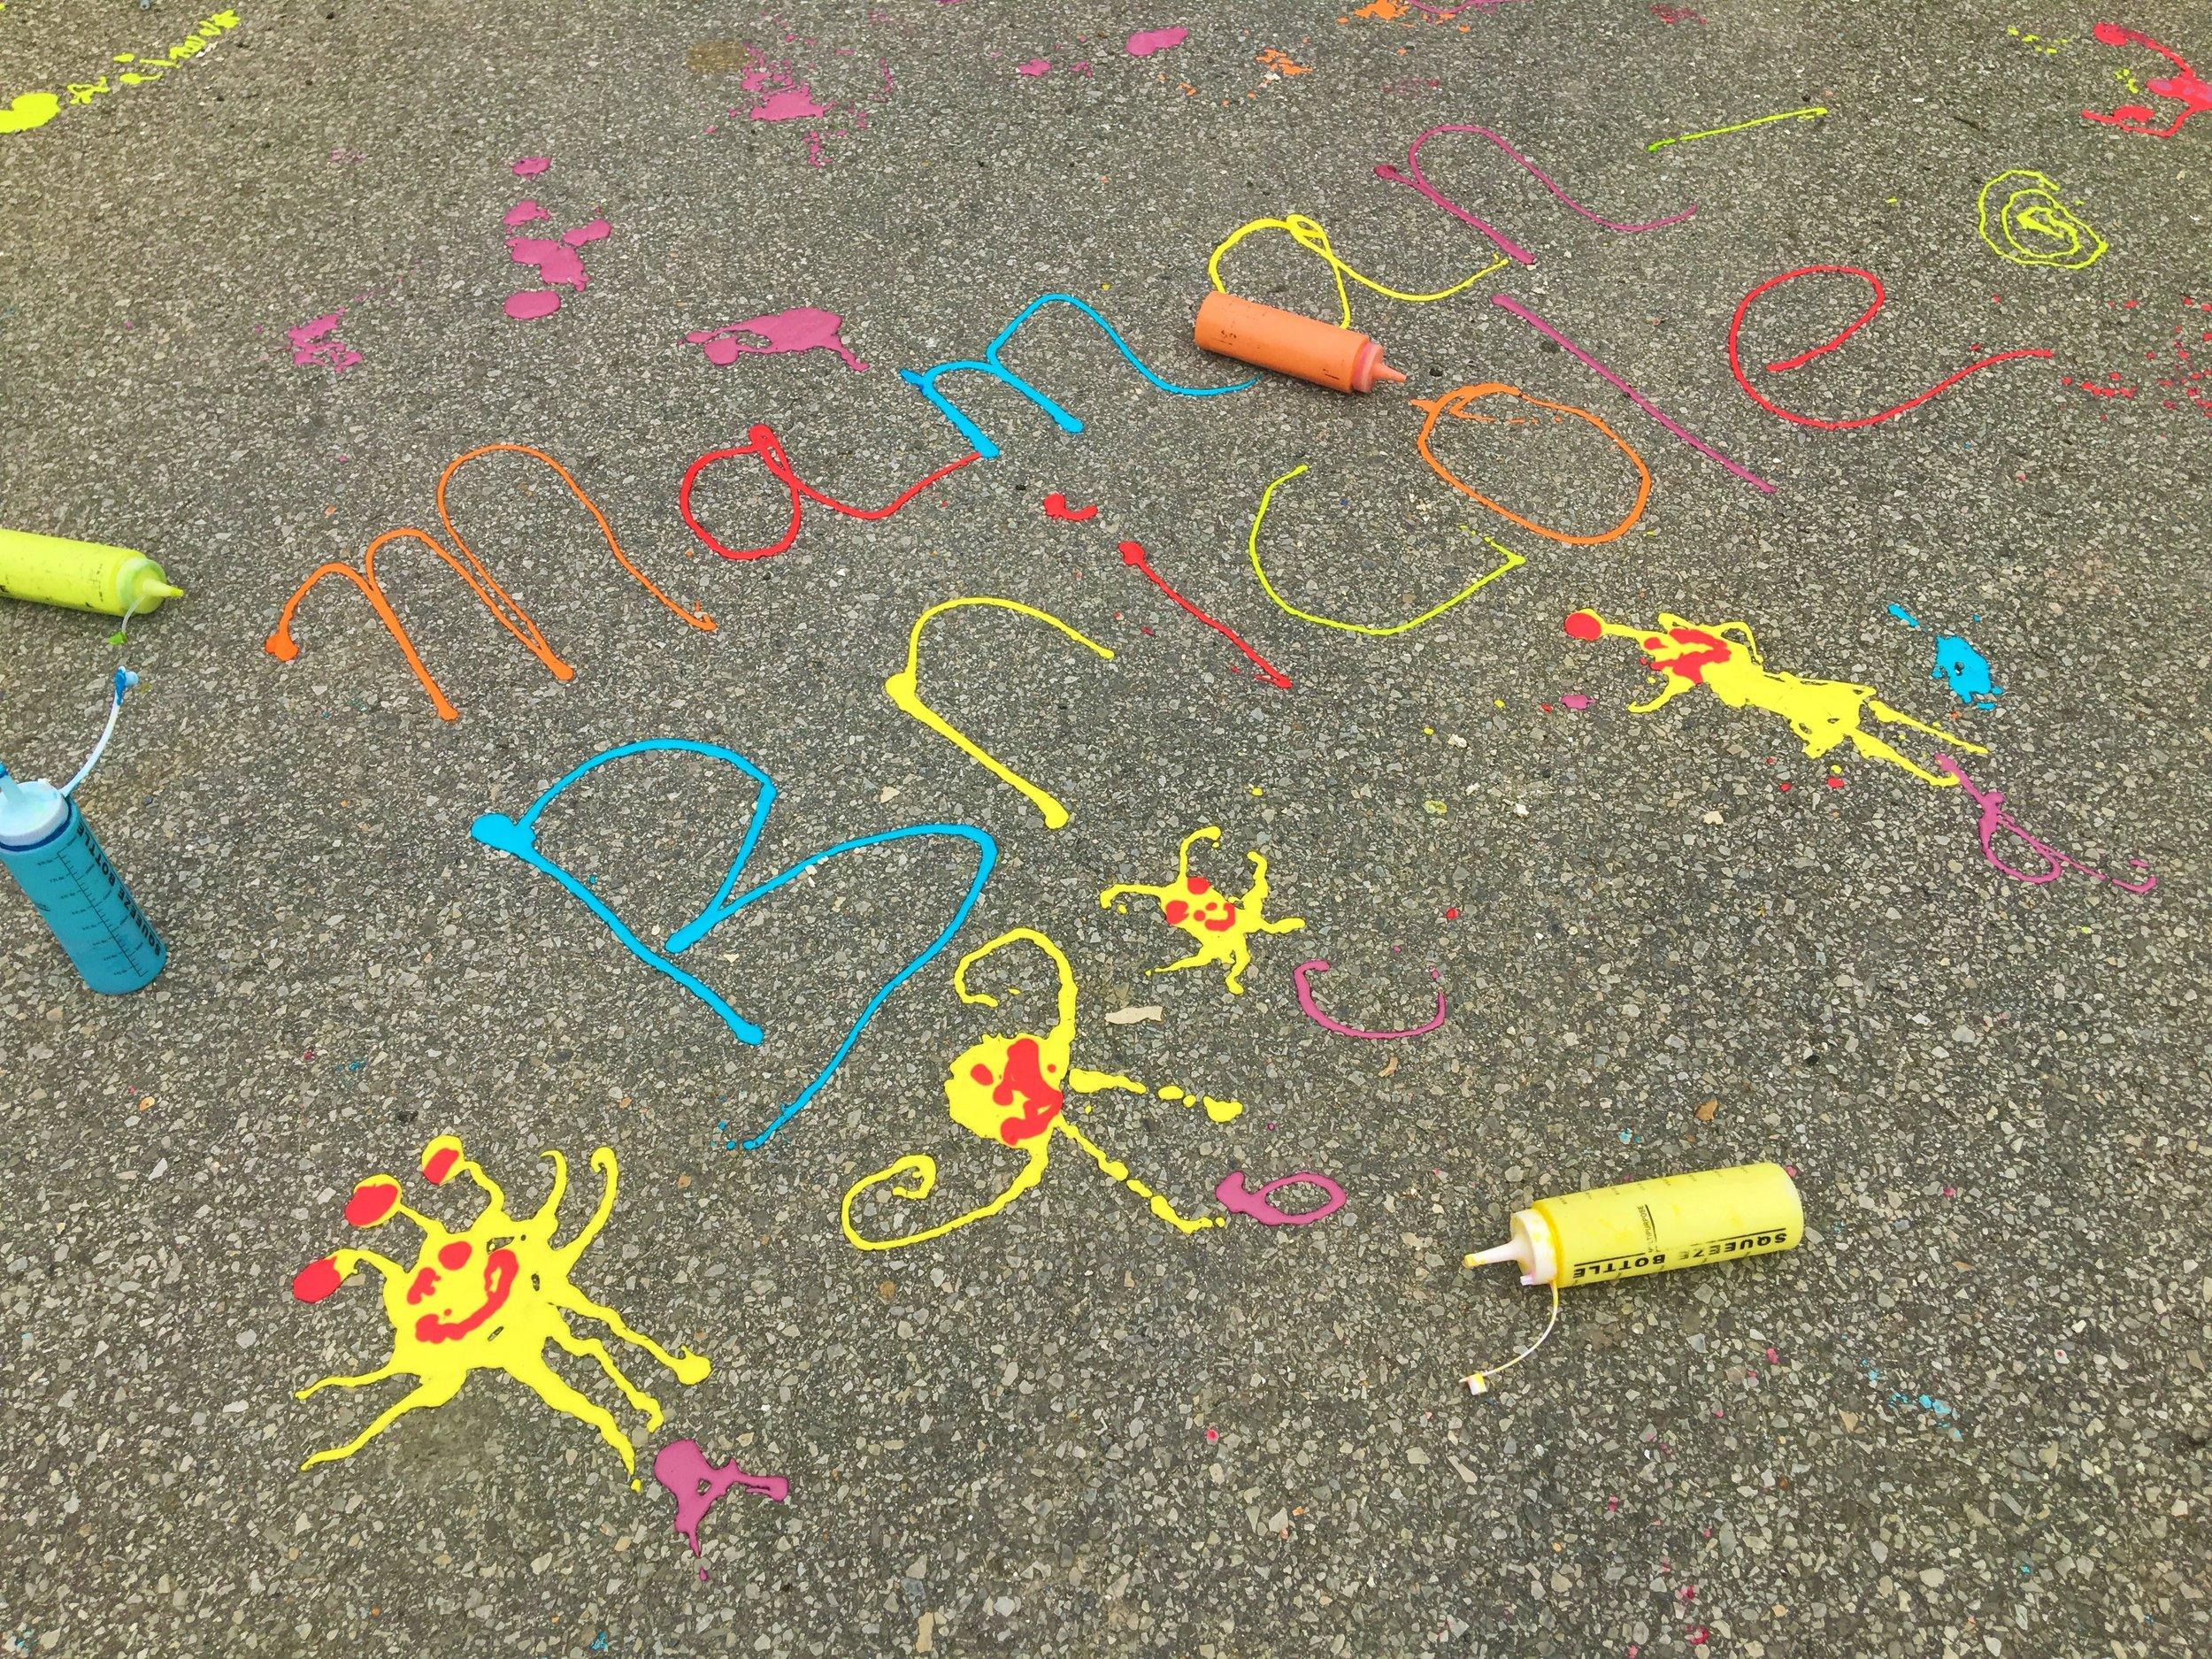 pâte-à-dessiner-activité-petits-artistes-couleurs-plaisir-rue-trottoir